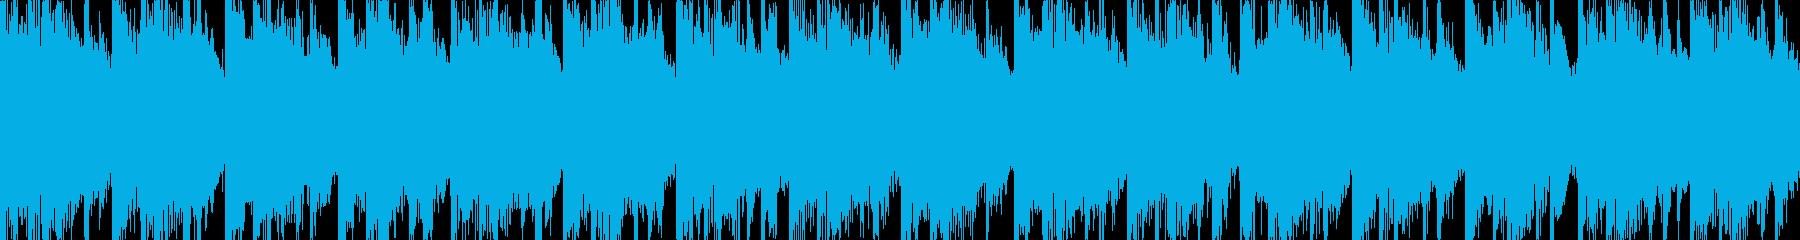 ダークな話題のワイドショーとニュースにの再生済みの波形